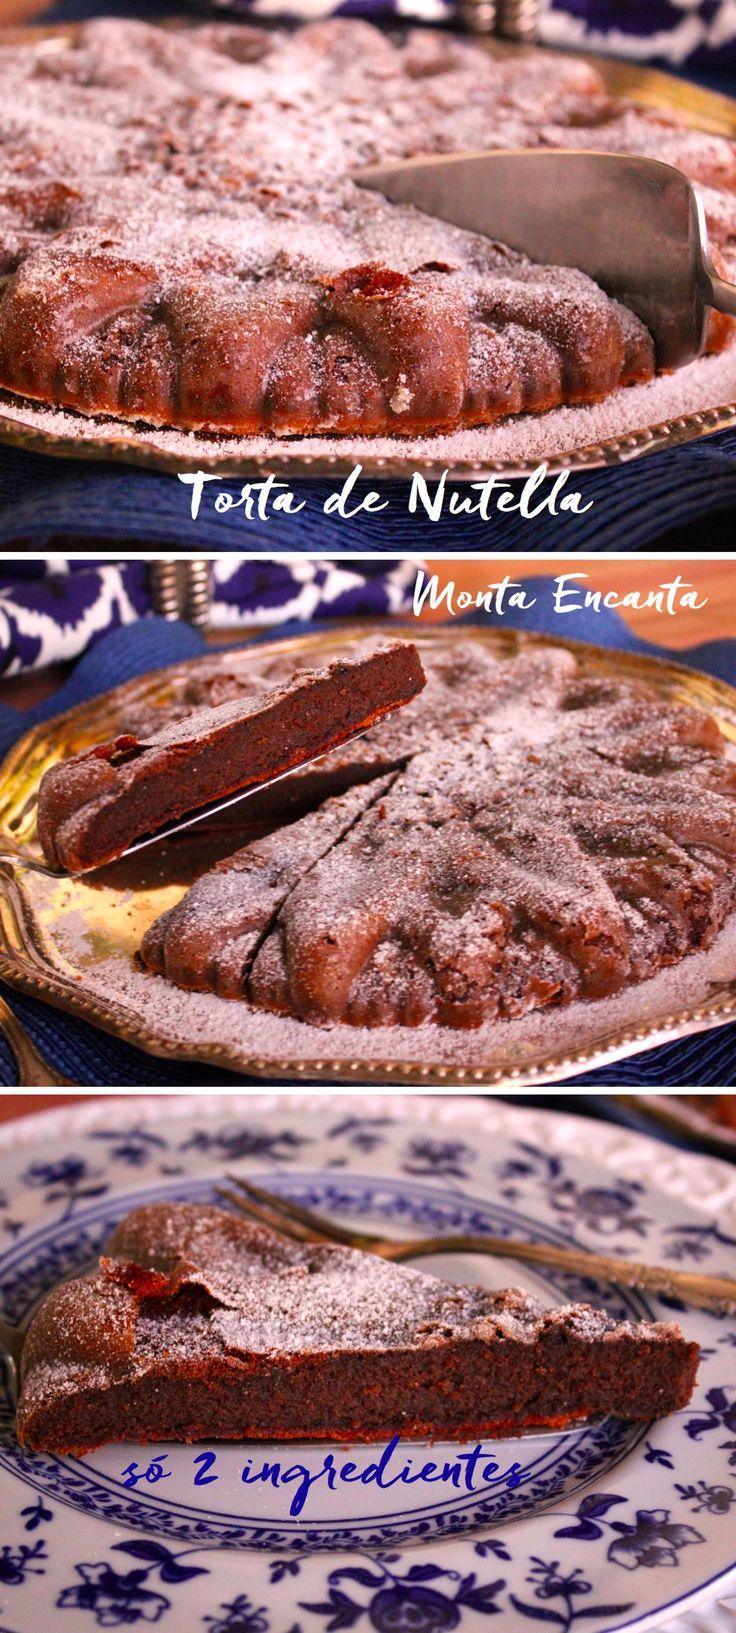 Torta de Nutella. Lembra um  brownie,   no centro textura macia e por fora uma casquinha crocante,  sabor delicado do  chocolate de avelãs.  MARA, de enlouquecer qualquer um, ah de quebra é glúten free.